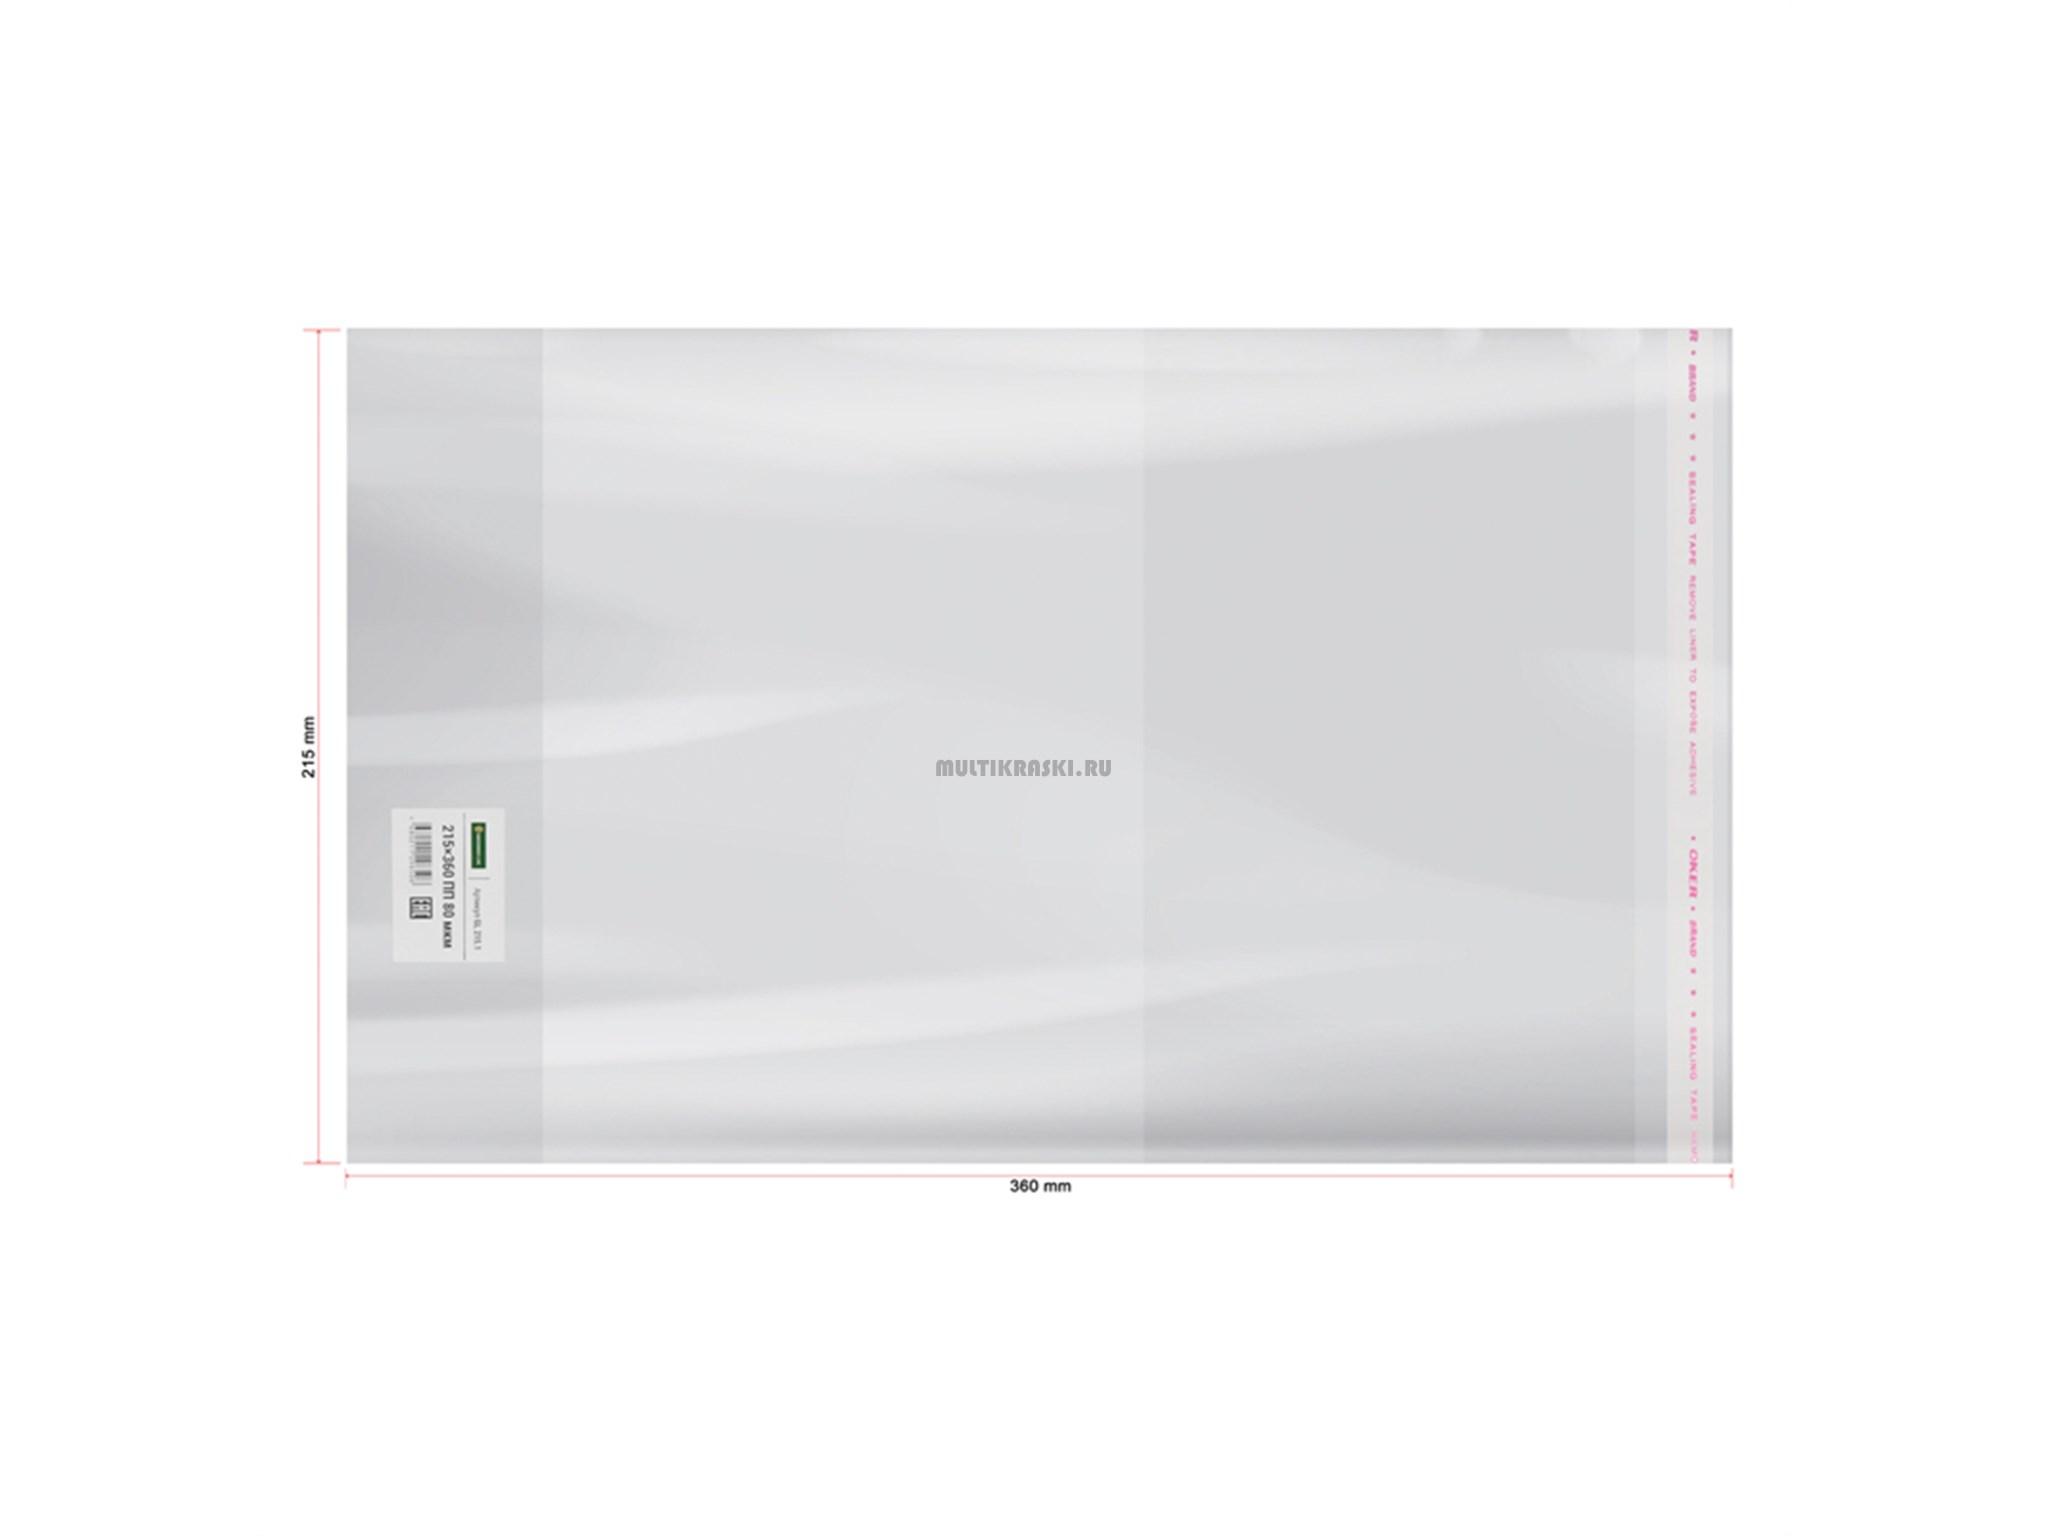 Анонс-изображение товара обложка 215*360 для дневников и тетрадей, универс. с липк.слоем, greenwich line, пп 80мкм, gl 215.1